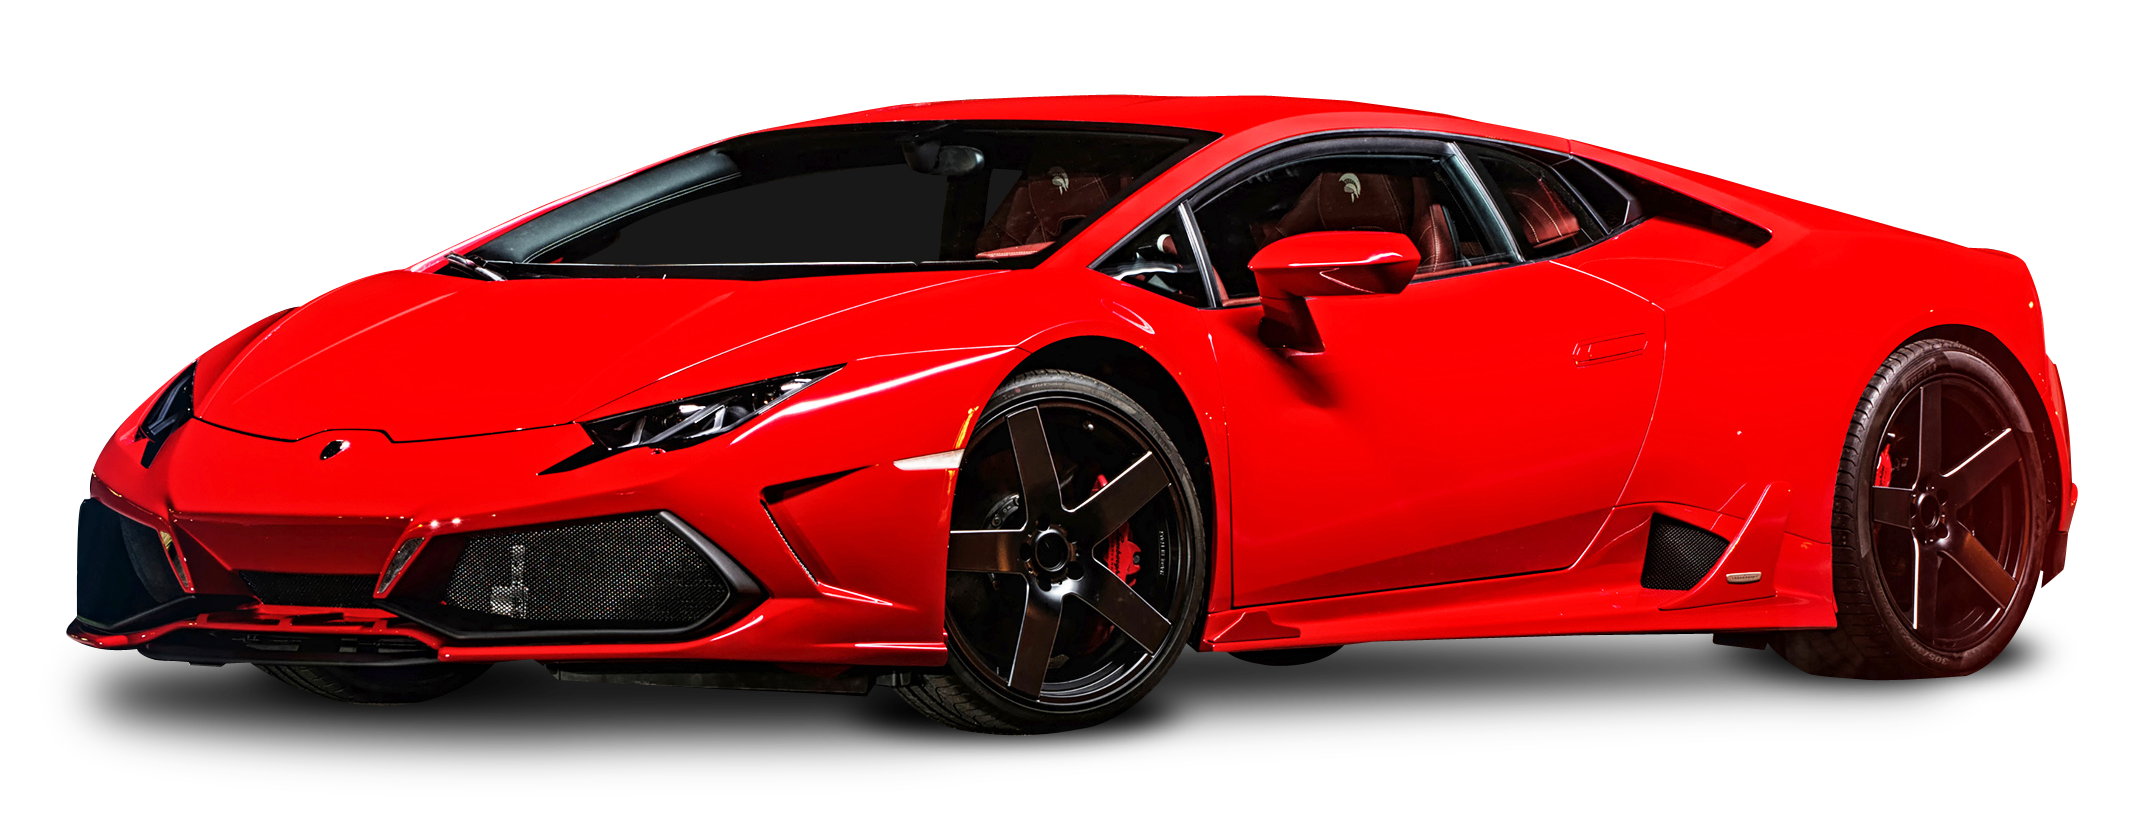 Red Lamborghini Huracan Car Png Image Purepng Free Transparent